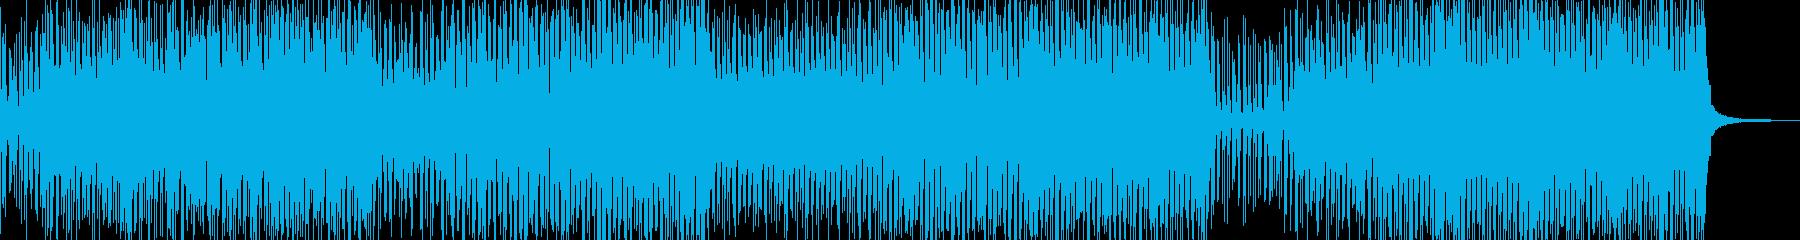 一発芸・三味線&和太鼓の宴ポップ 泥酔の再生済みの波形